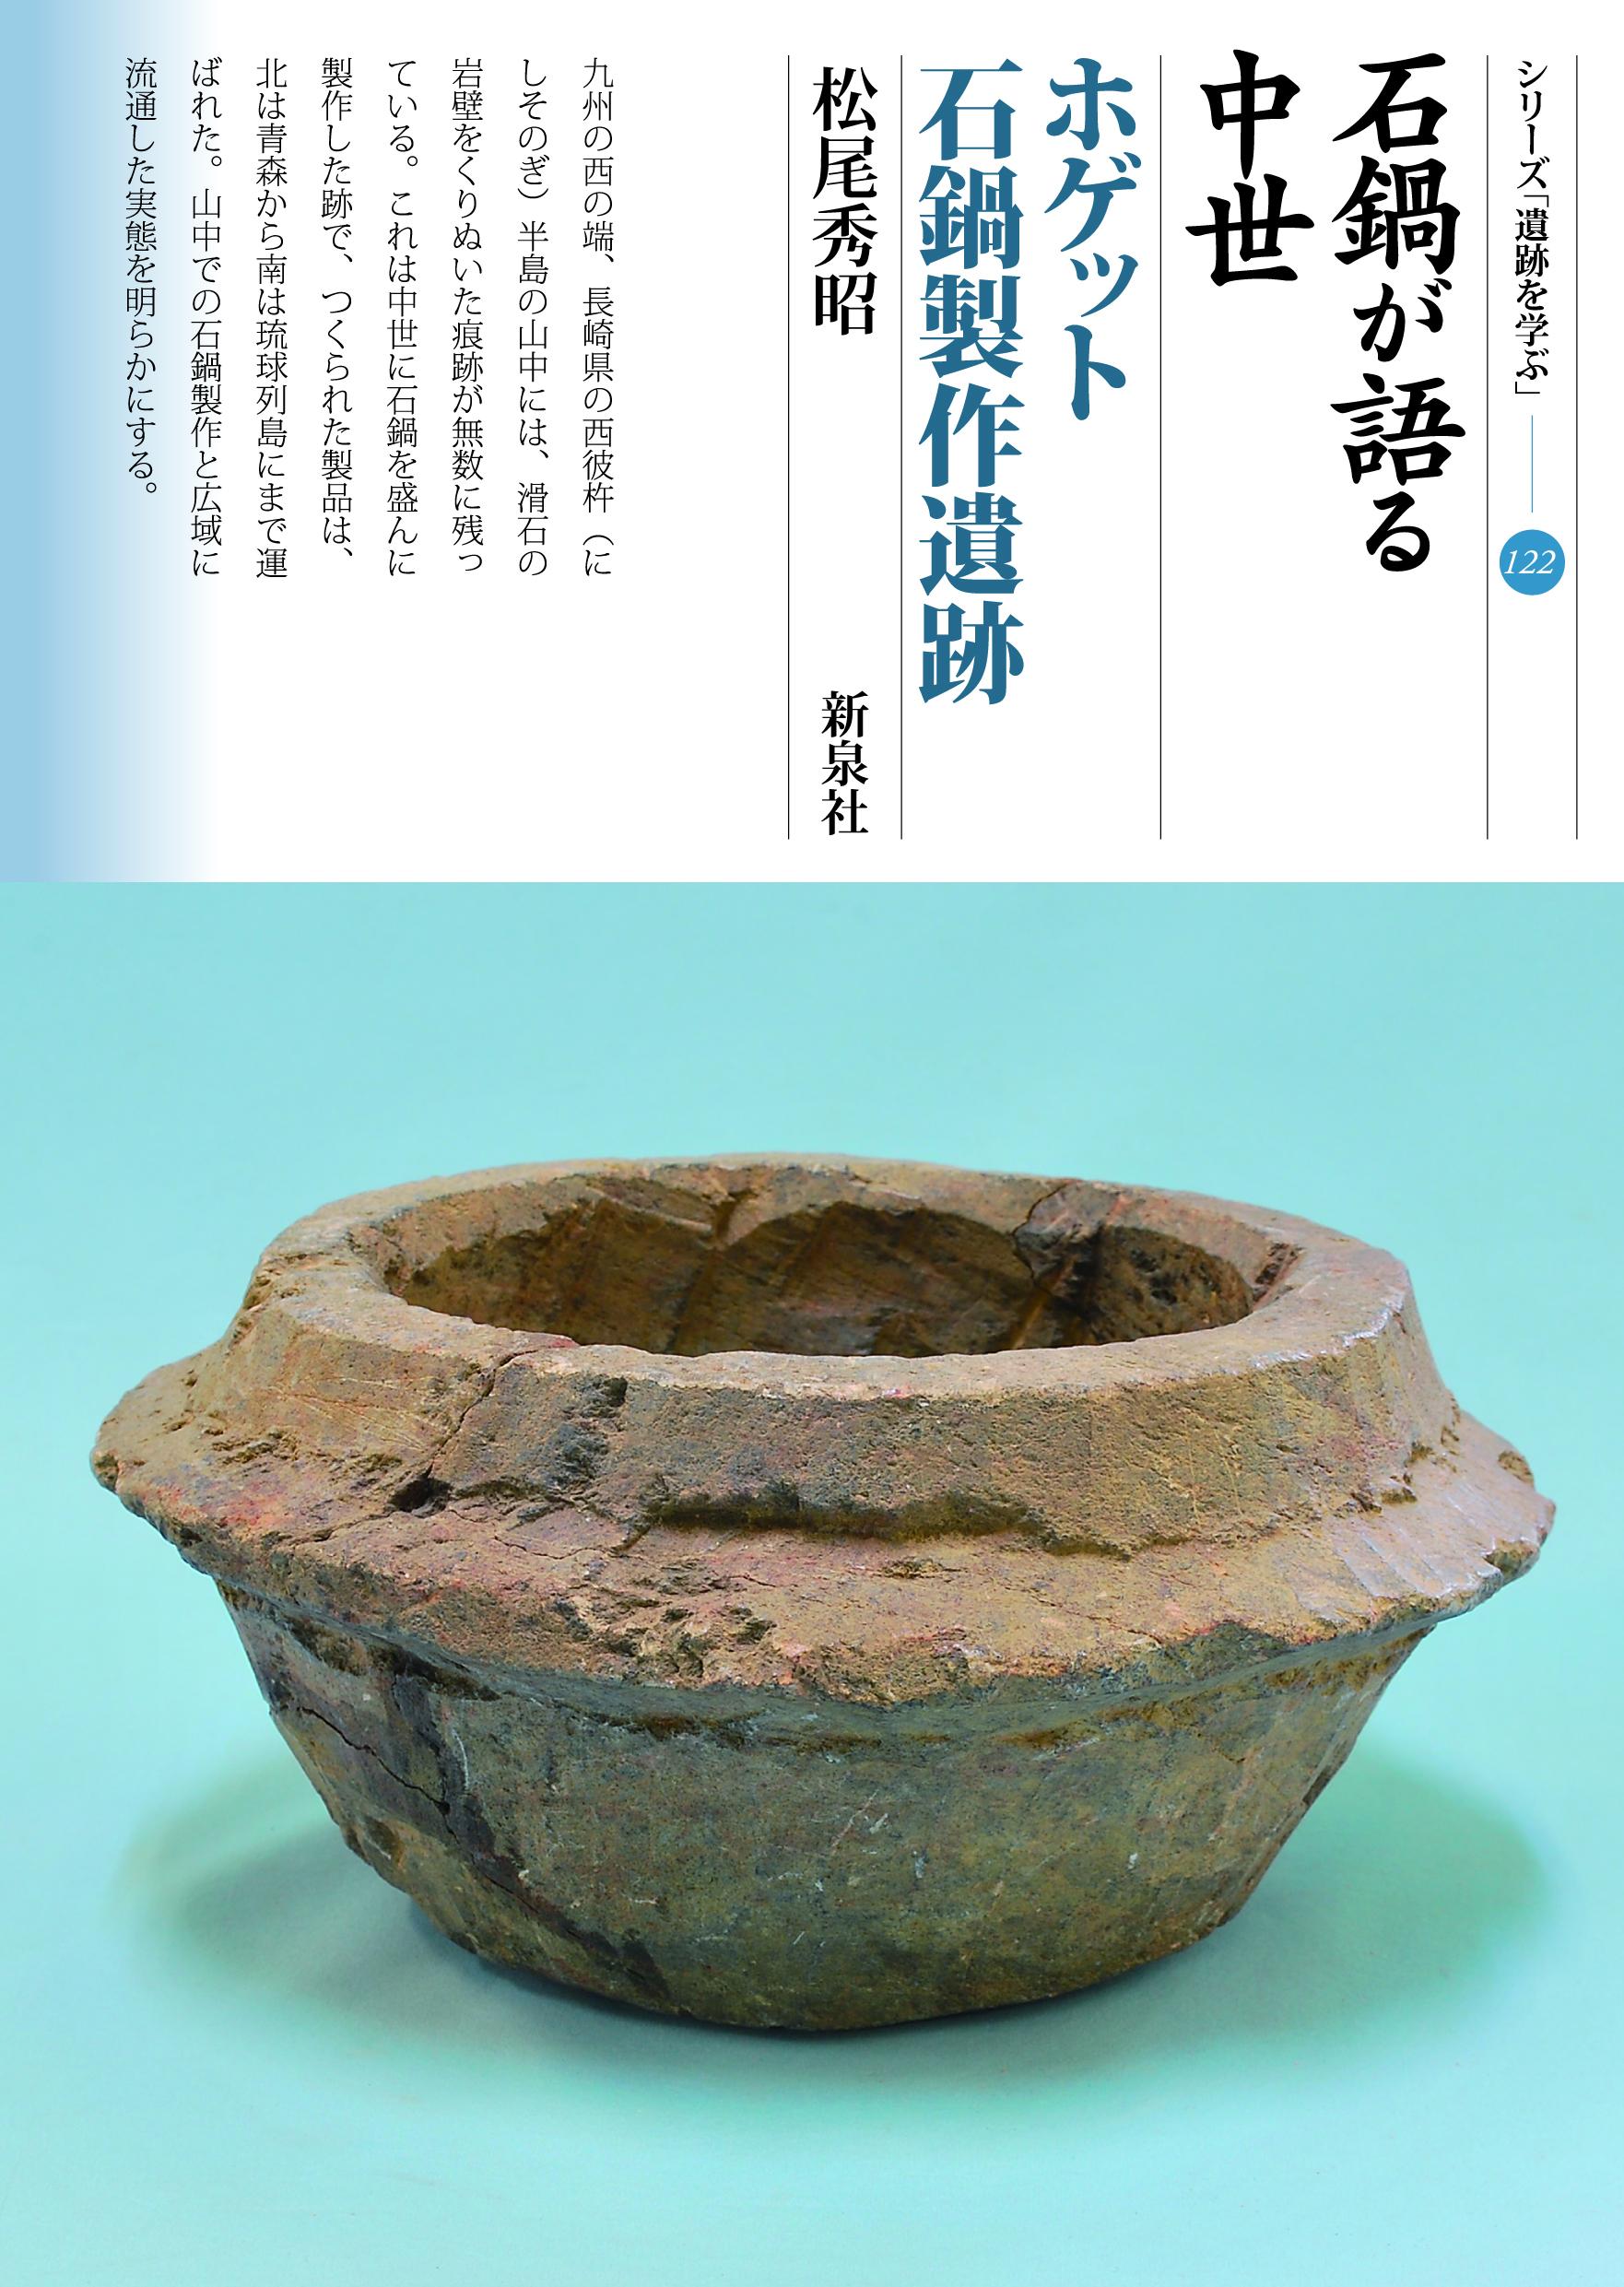 石鍋が語る中世・ホゲット石鍋製作遺跡FTP